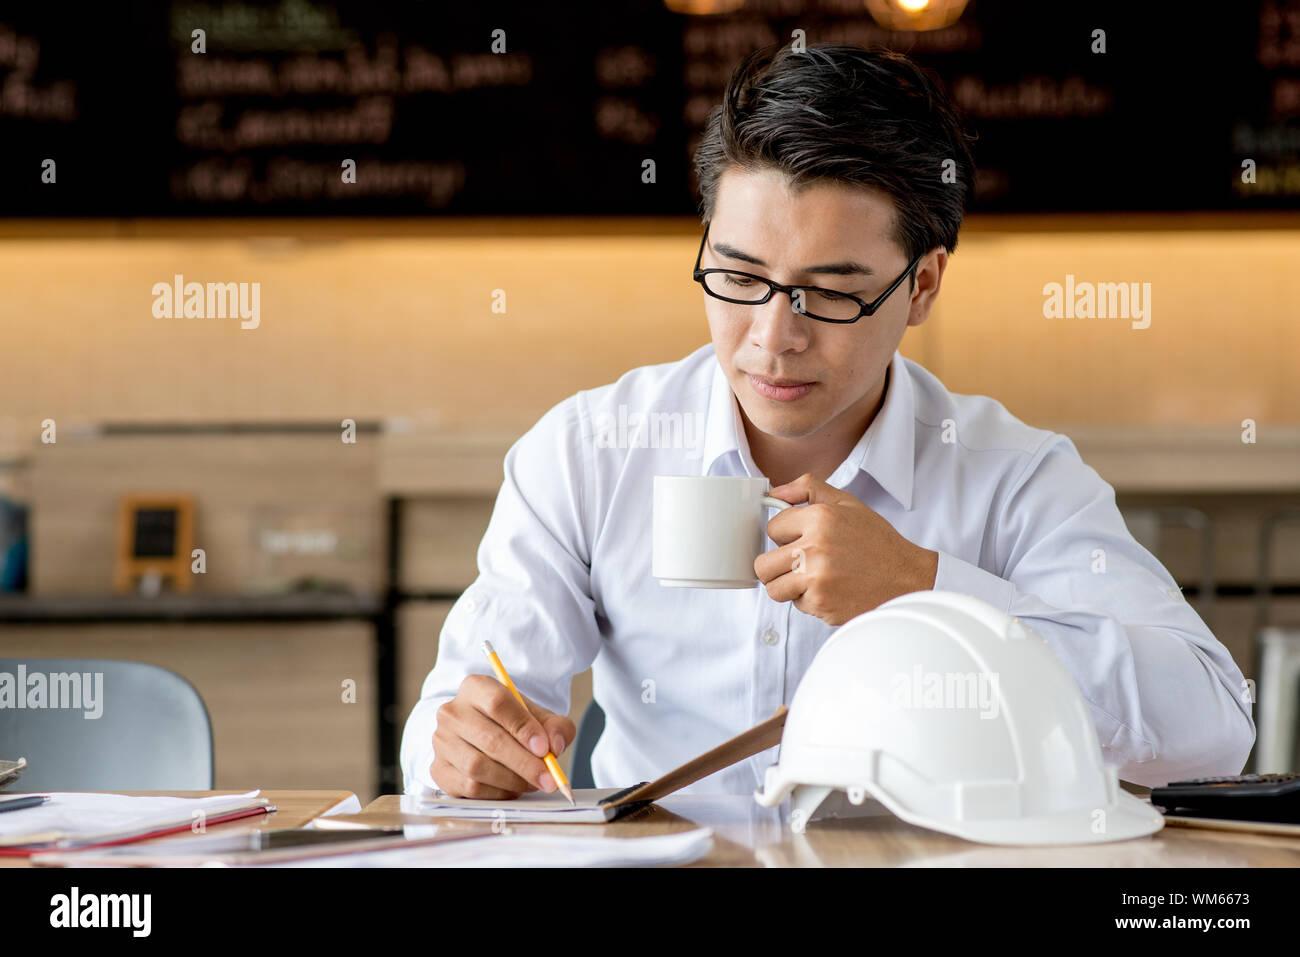 Mann hält Kaffee Tasse während der Arbeit auf dem Tisch im Cafe Stockfoto